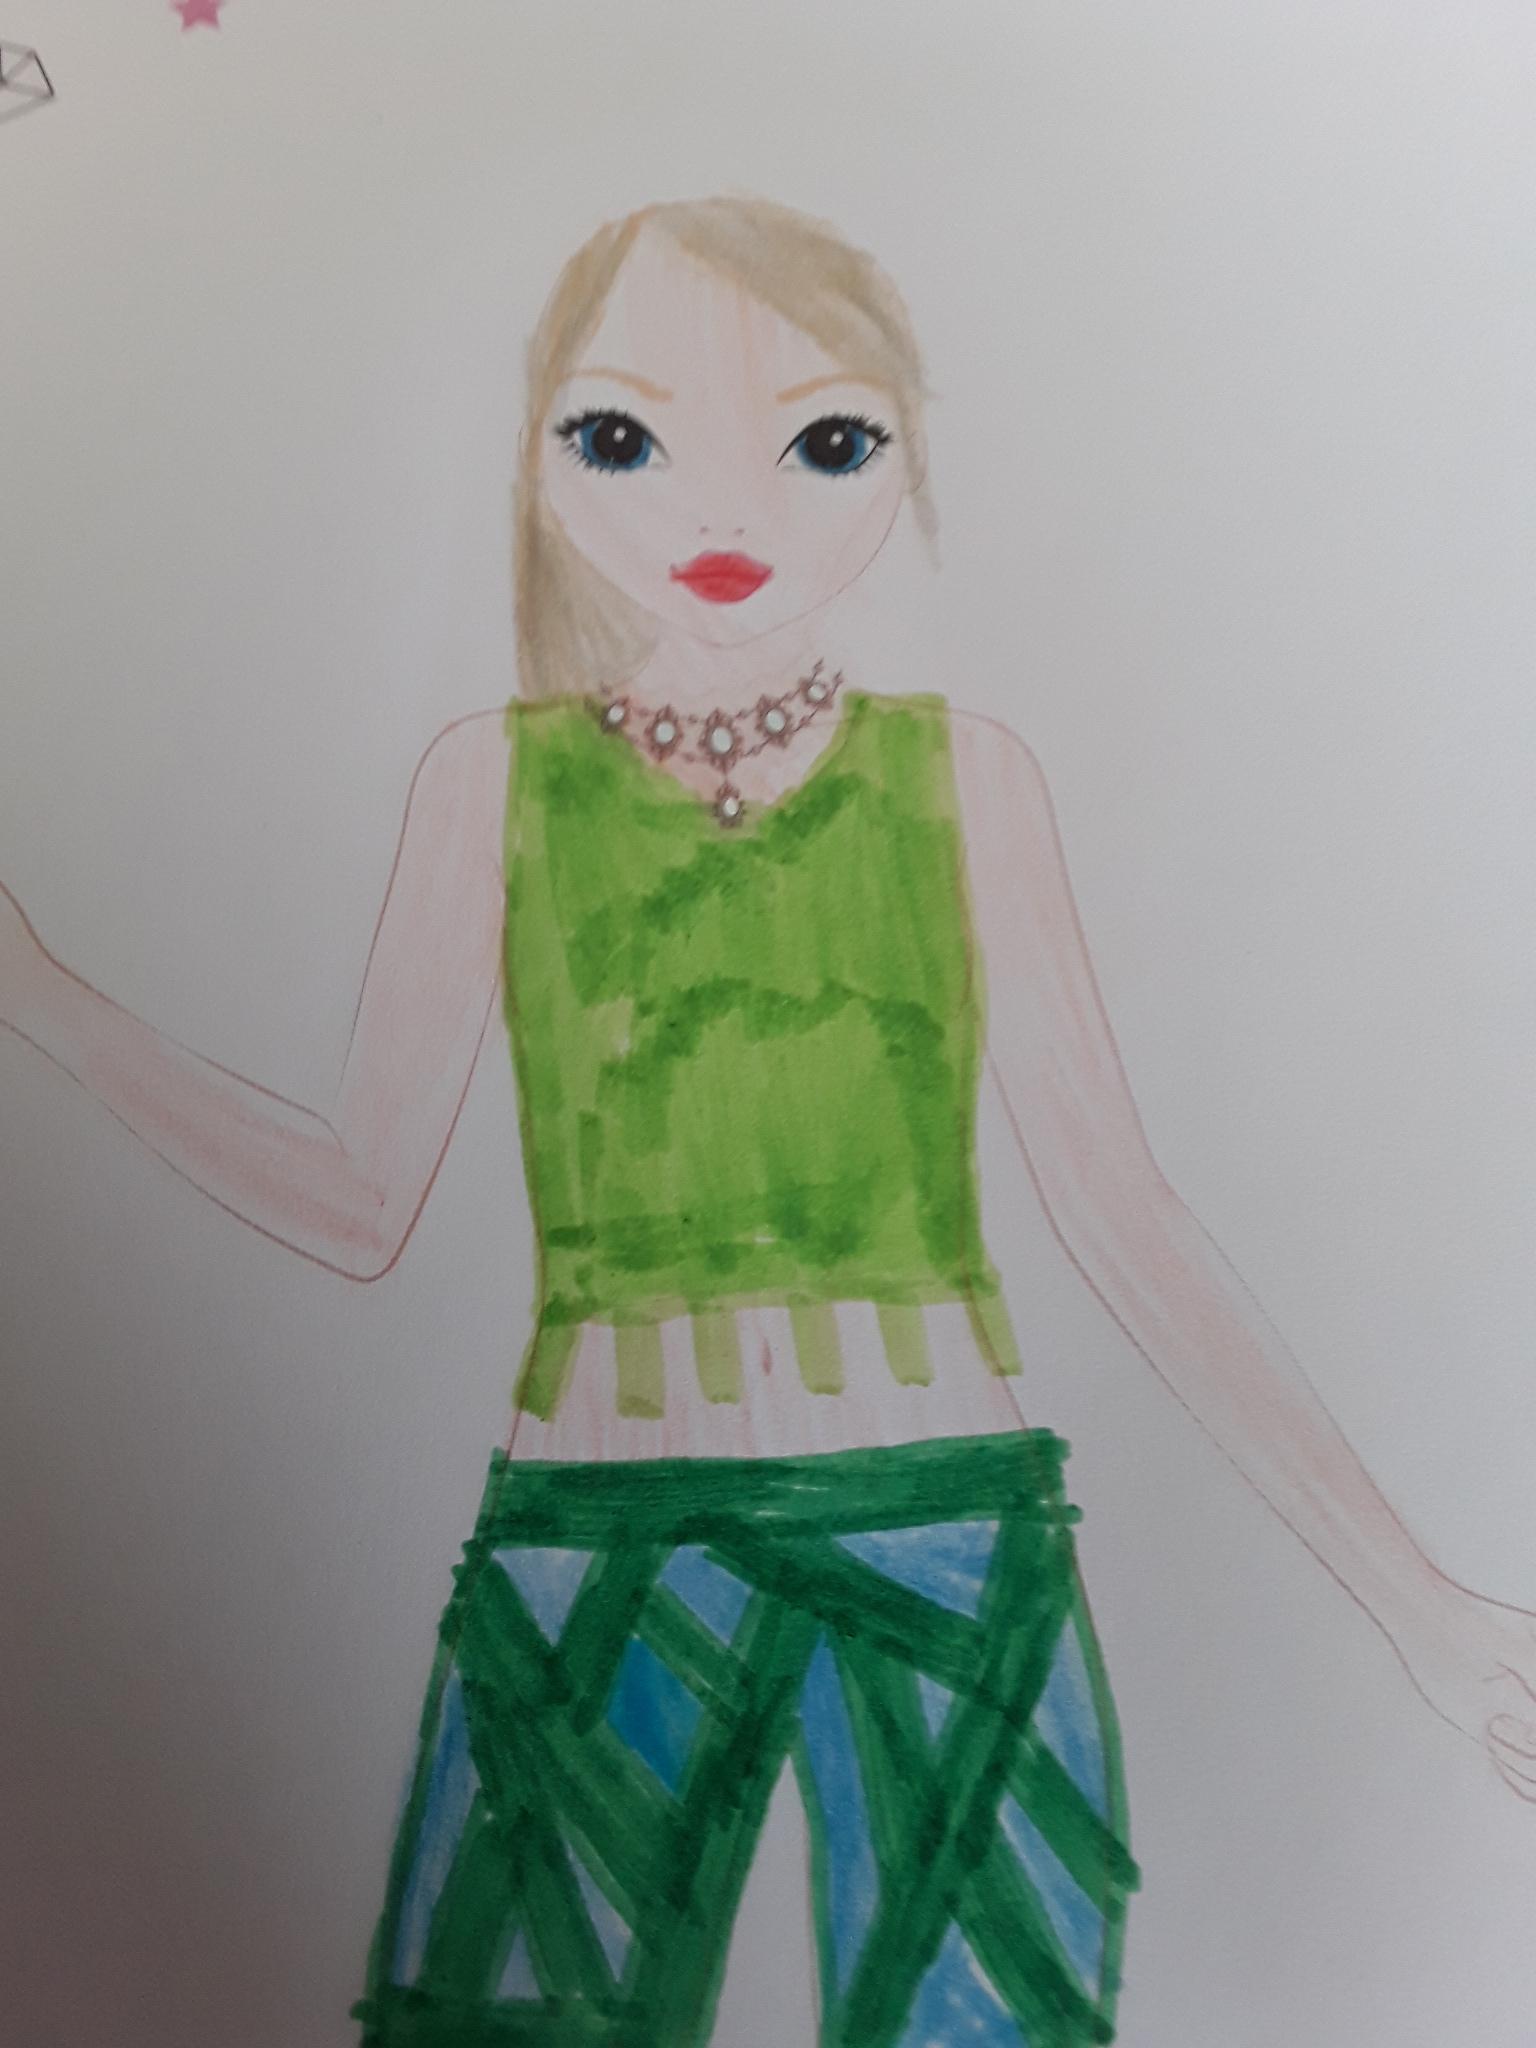 Juna S., 7 Jahre, aus Peine